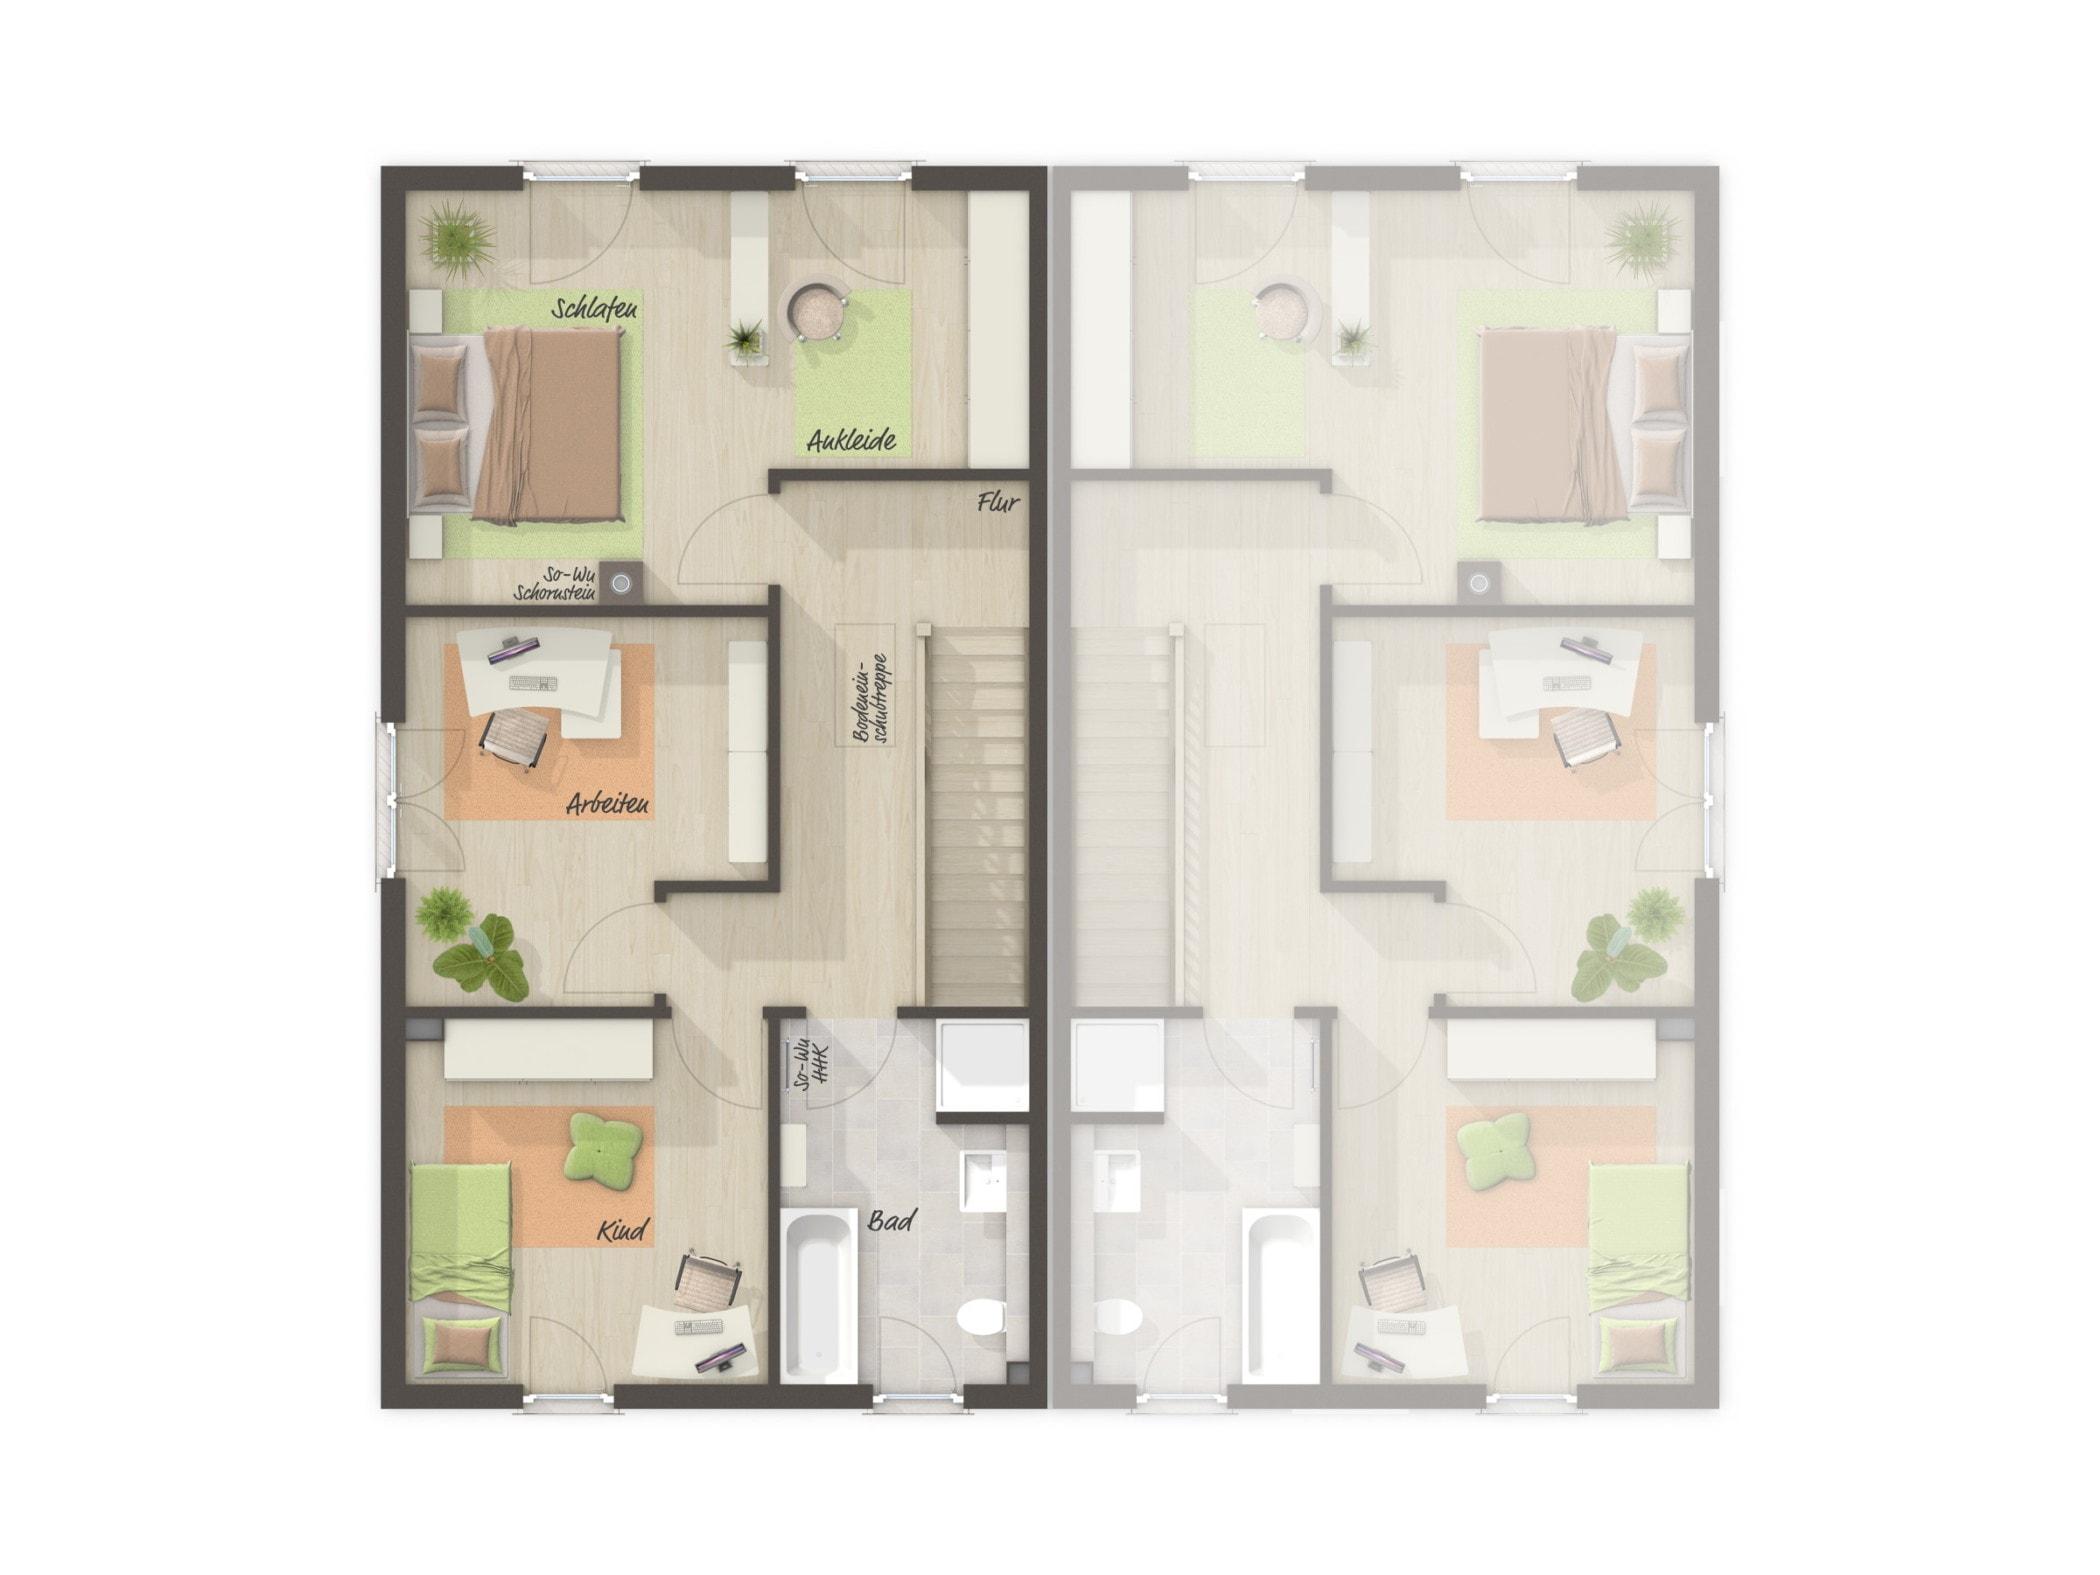 Doppelhaus Grundriss schmal Obergeschoss gerade Treppe & Satteldach, 4 Zimmer, 125 qm - Doppelhaushälfte massiv bauen Ideen Town Country Haus Aura 125 - HausbauDirekt.de